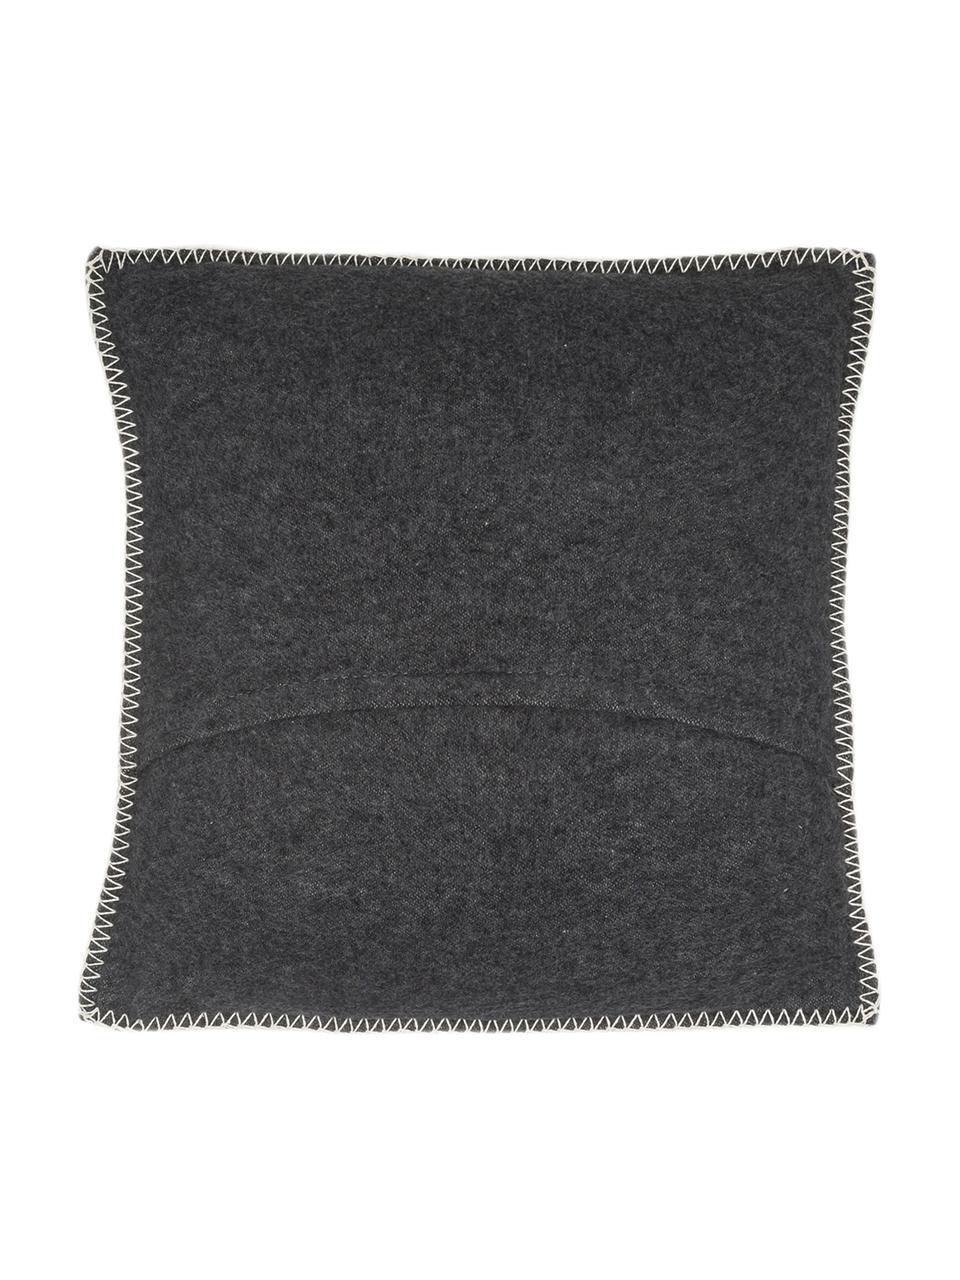 Weiche Fleece-Kissenhülle Sylt mit Steppnaht, 85% Baumwolle, 8% Viskose, 7% Polyacryl, Anthrazit, 40 x 40 cm